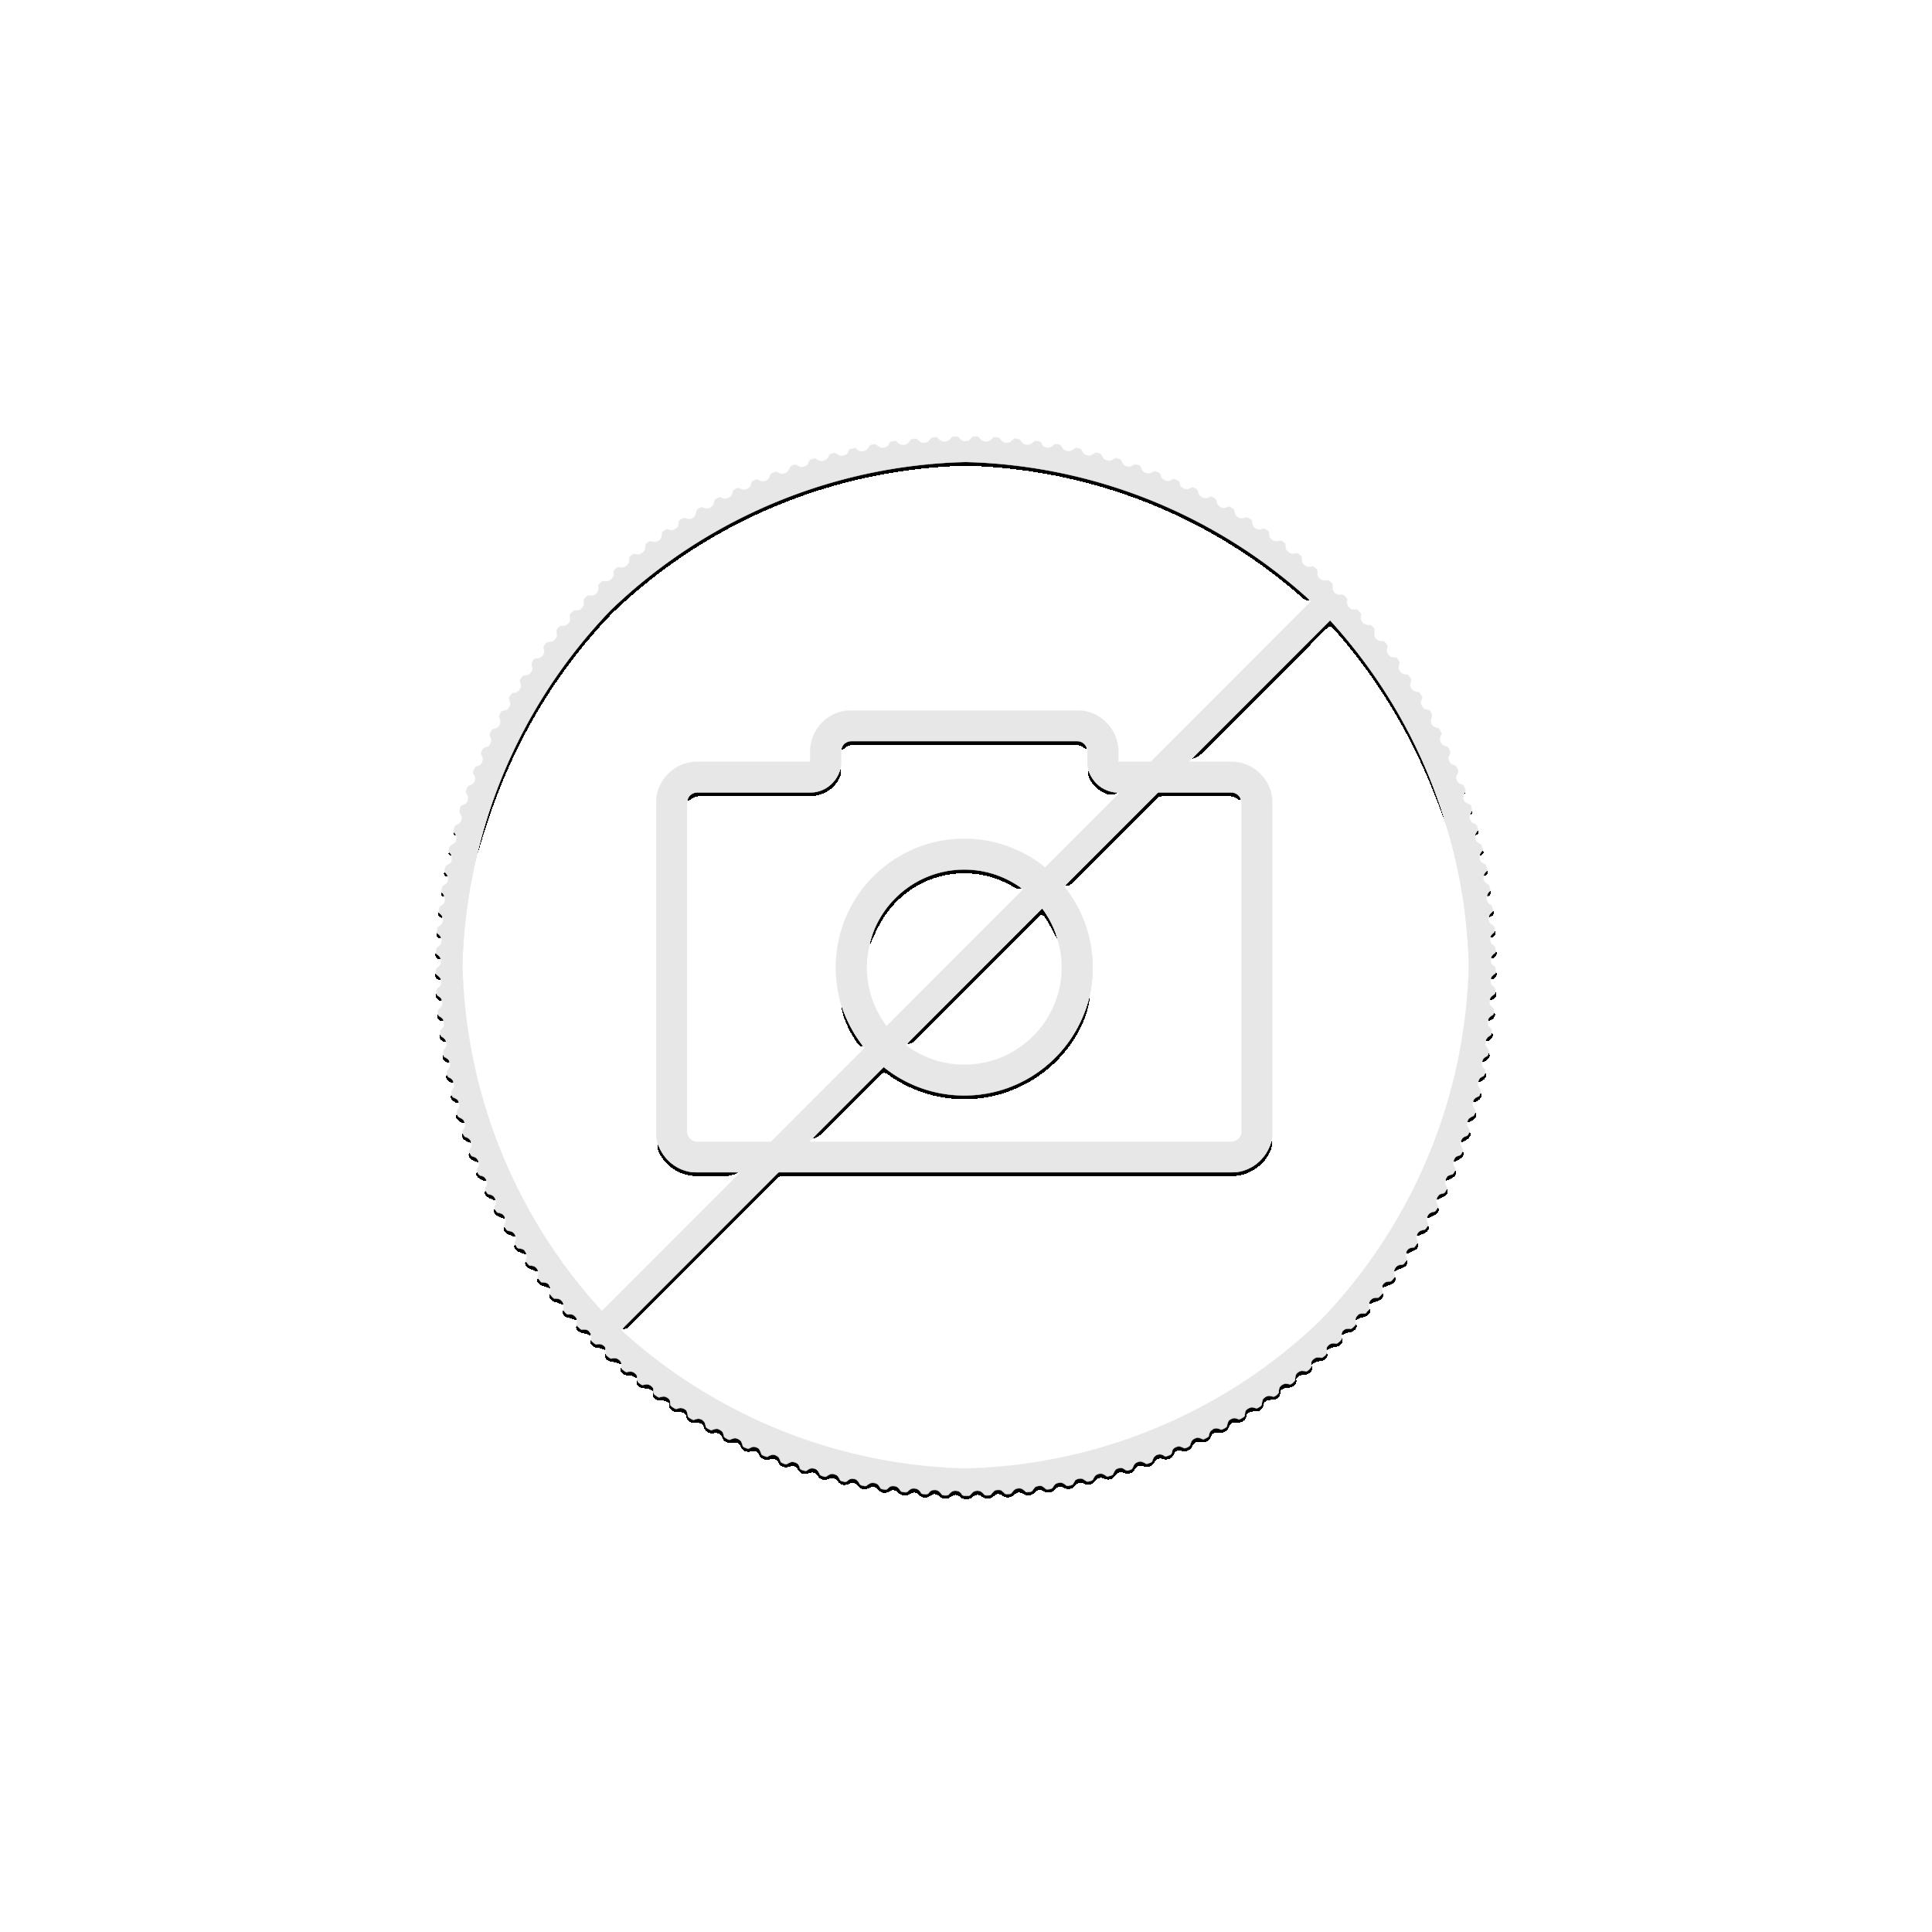 1 Troy ounce gold coin Lunar 2020